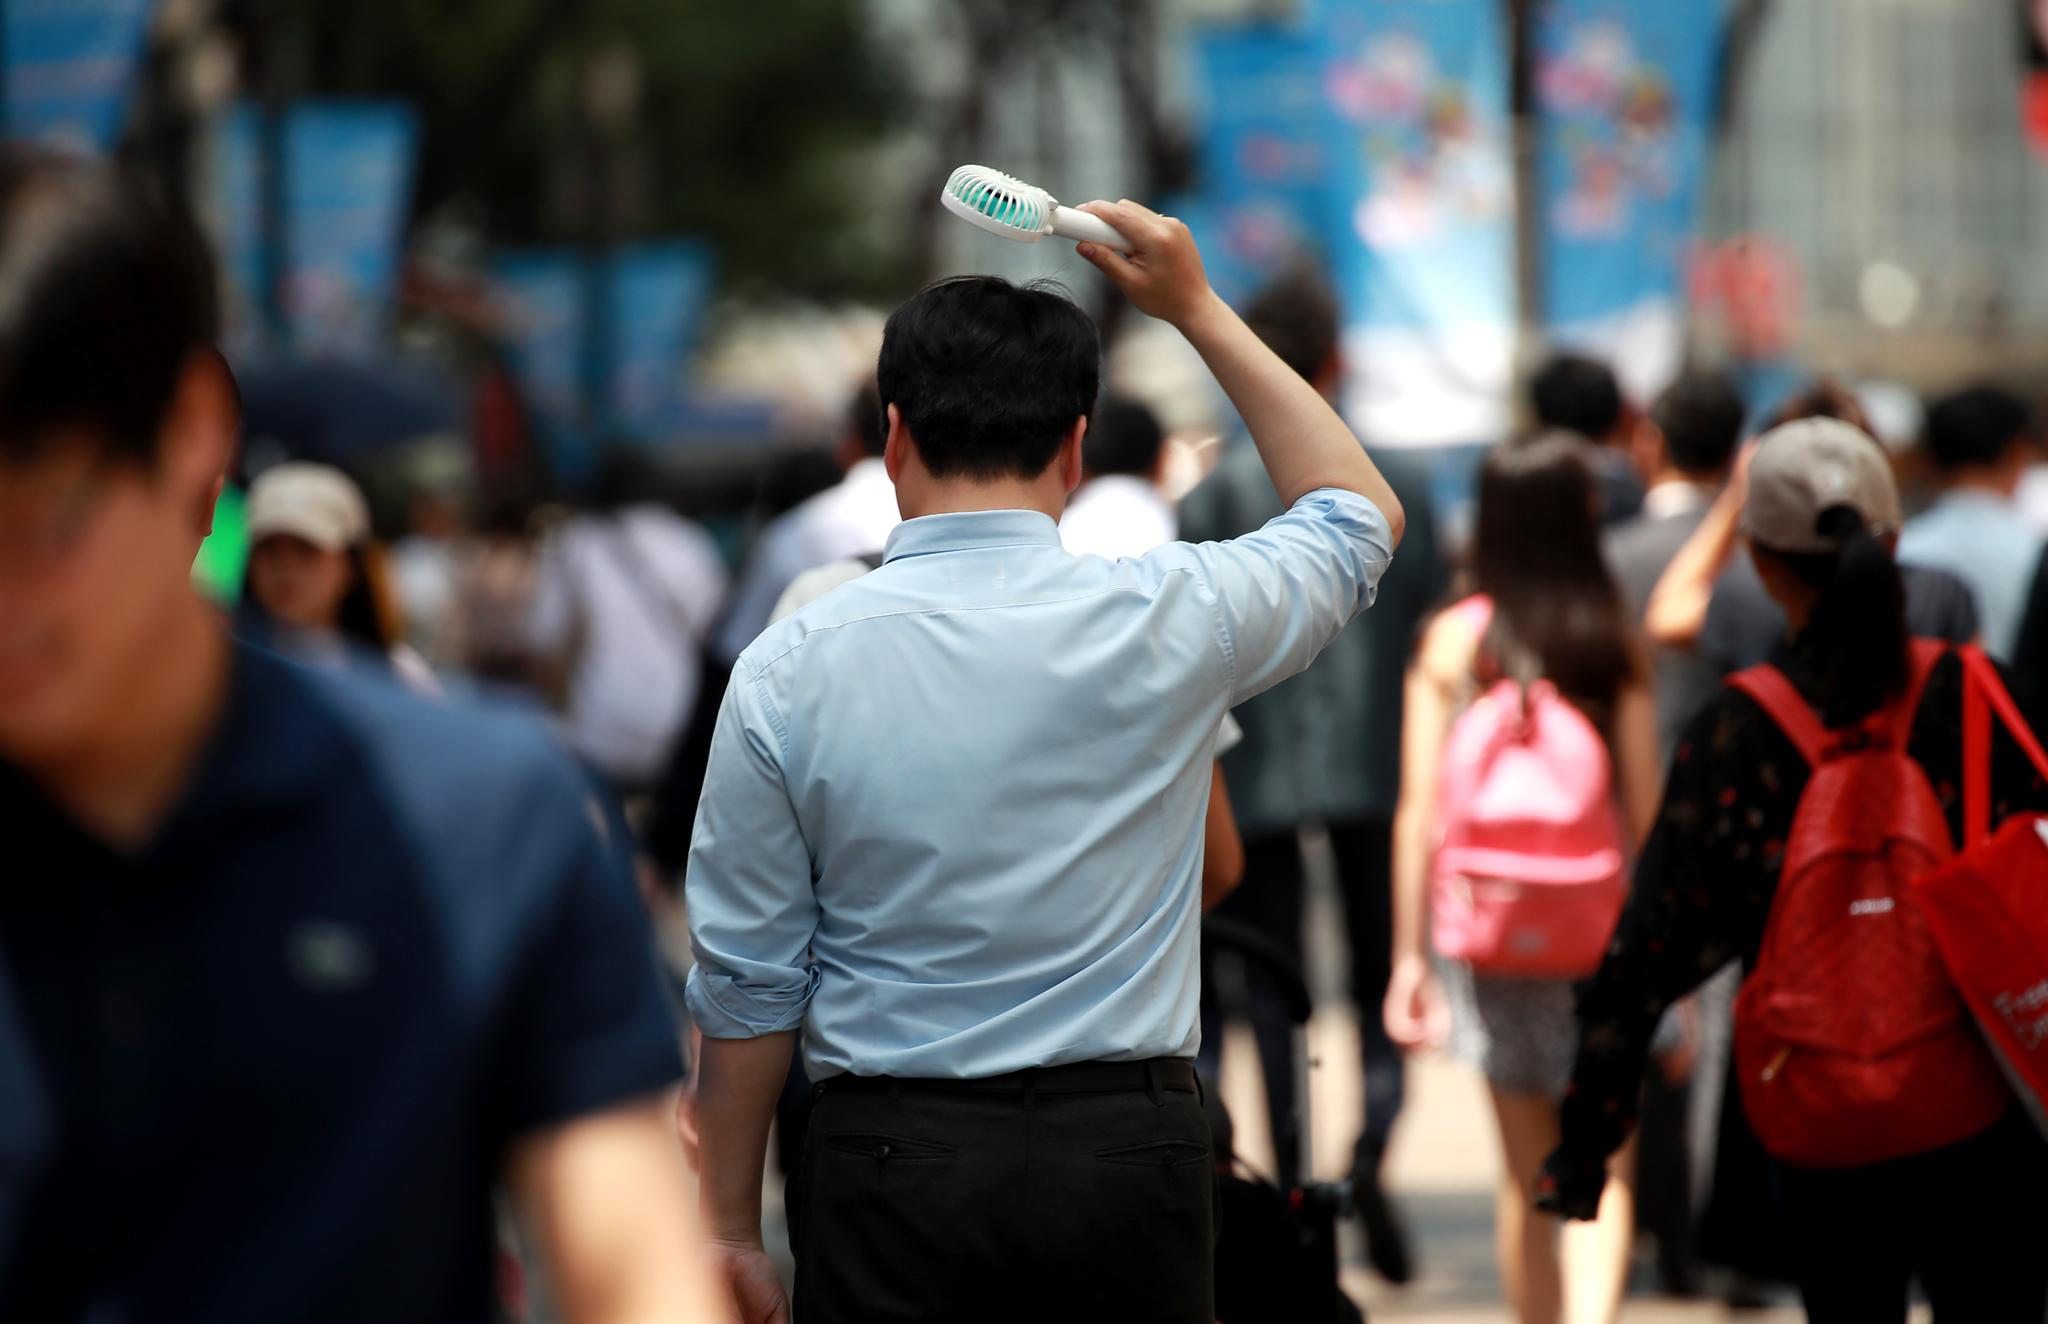 24일 서울 명동 거리에서 한 직장인이 휴대용 선풍기와 함께 거리를 걷고 있다. [연합뉴스]